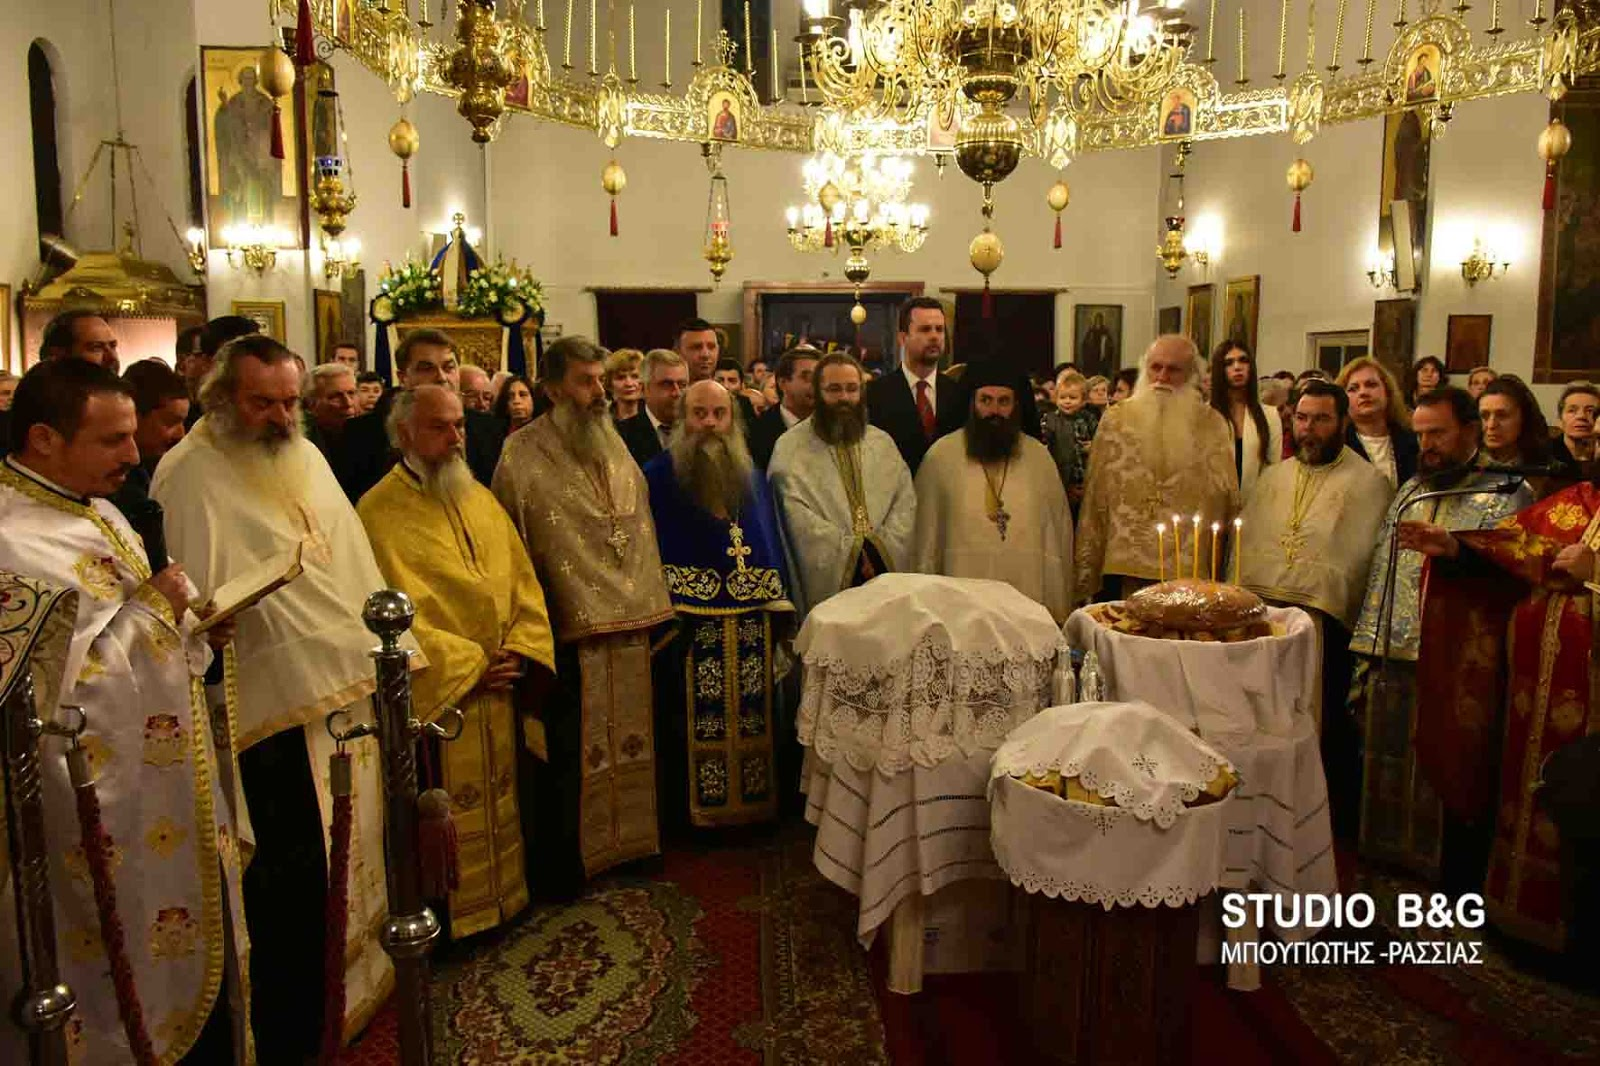 Η εορτή του Ευαγγελισμού της Θεοτόκου στα Φίχτια Αργολίδος